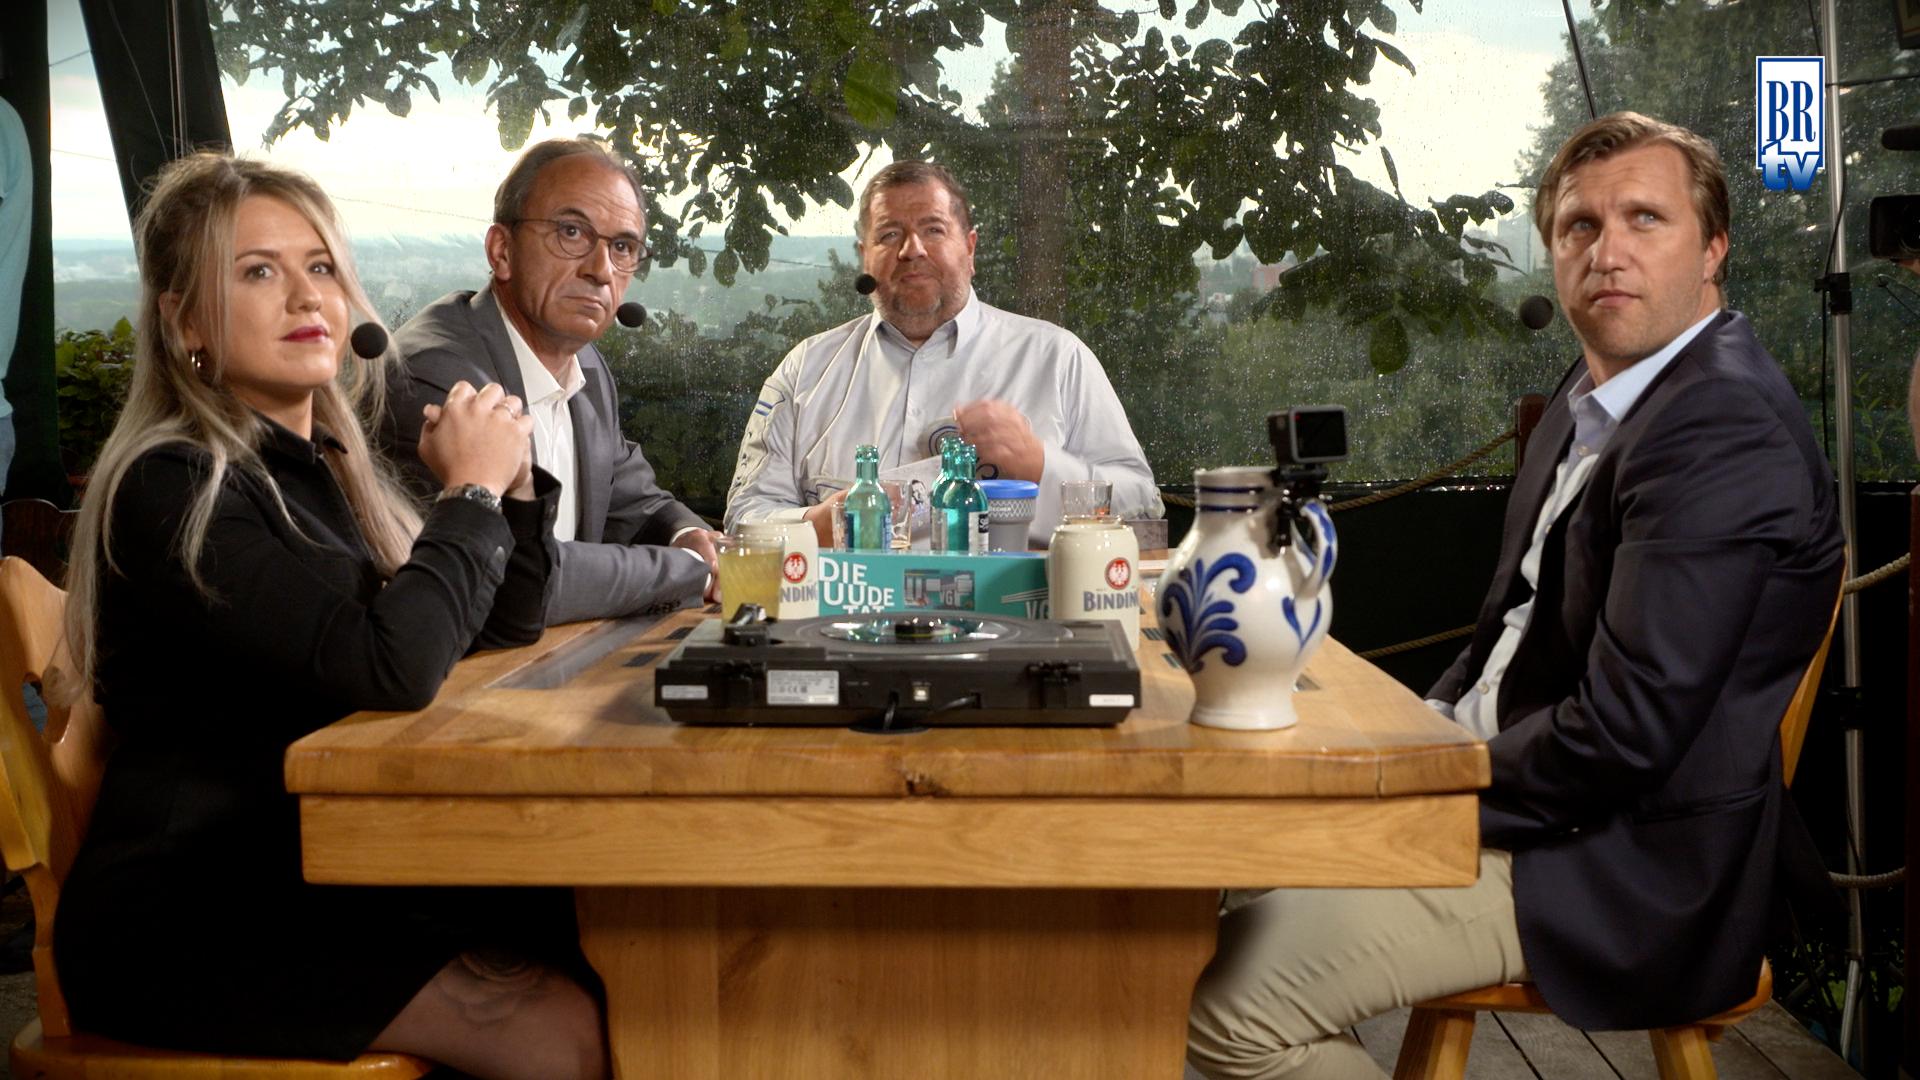 Bembel & Gebabbel – Folge 60 mit Michael Boddenberg, Lisa Bund & Markus Kröscheb